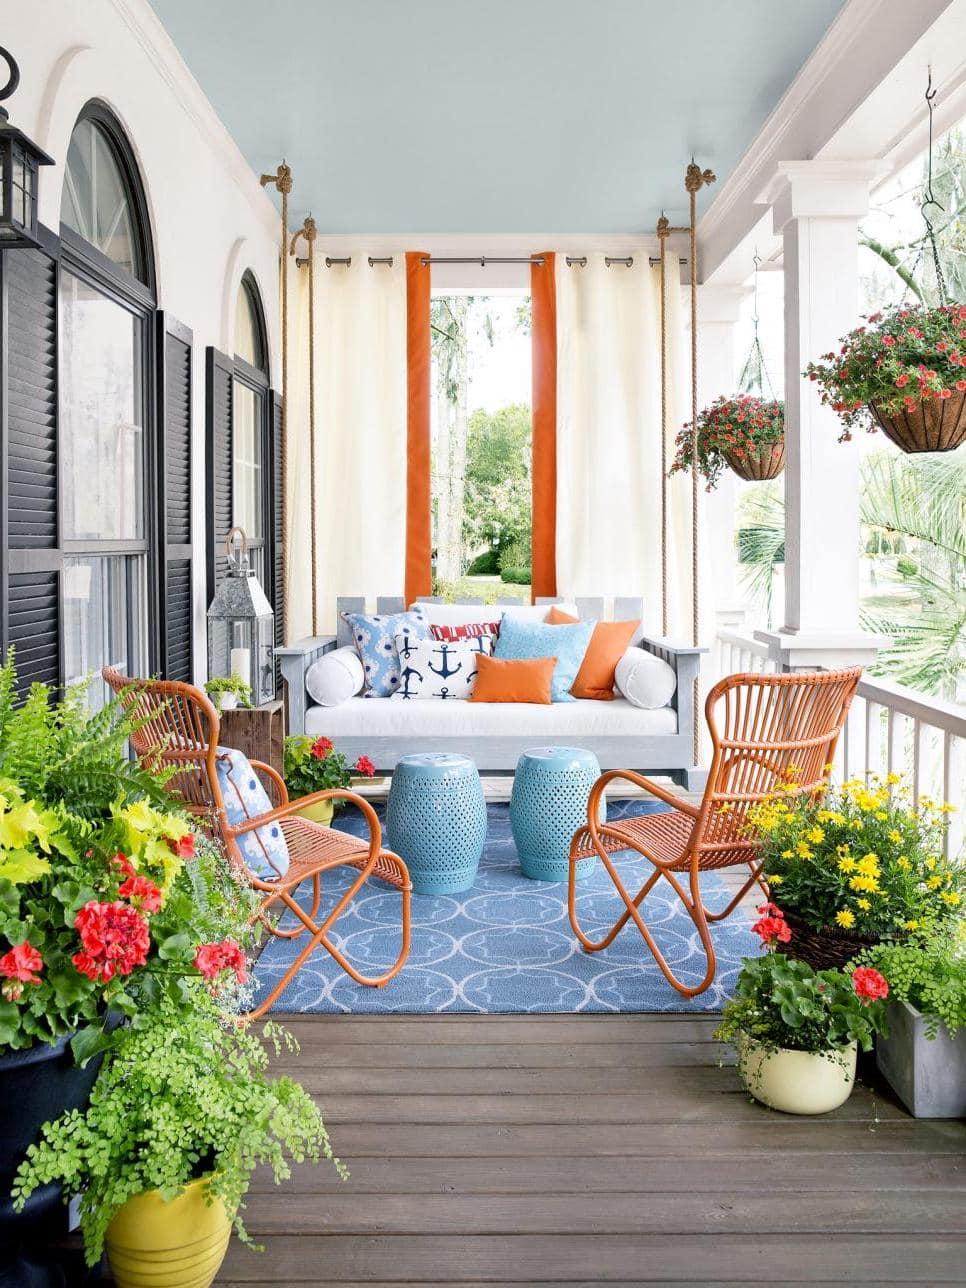 Цветы и зелень в горшках добавят свежести, элегантности и гармонии в любой интерьер